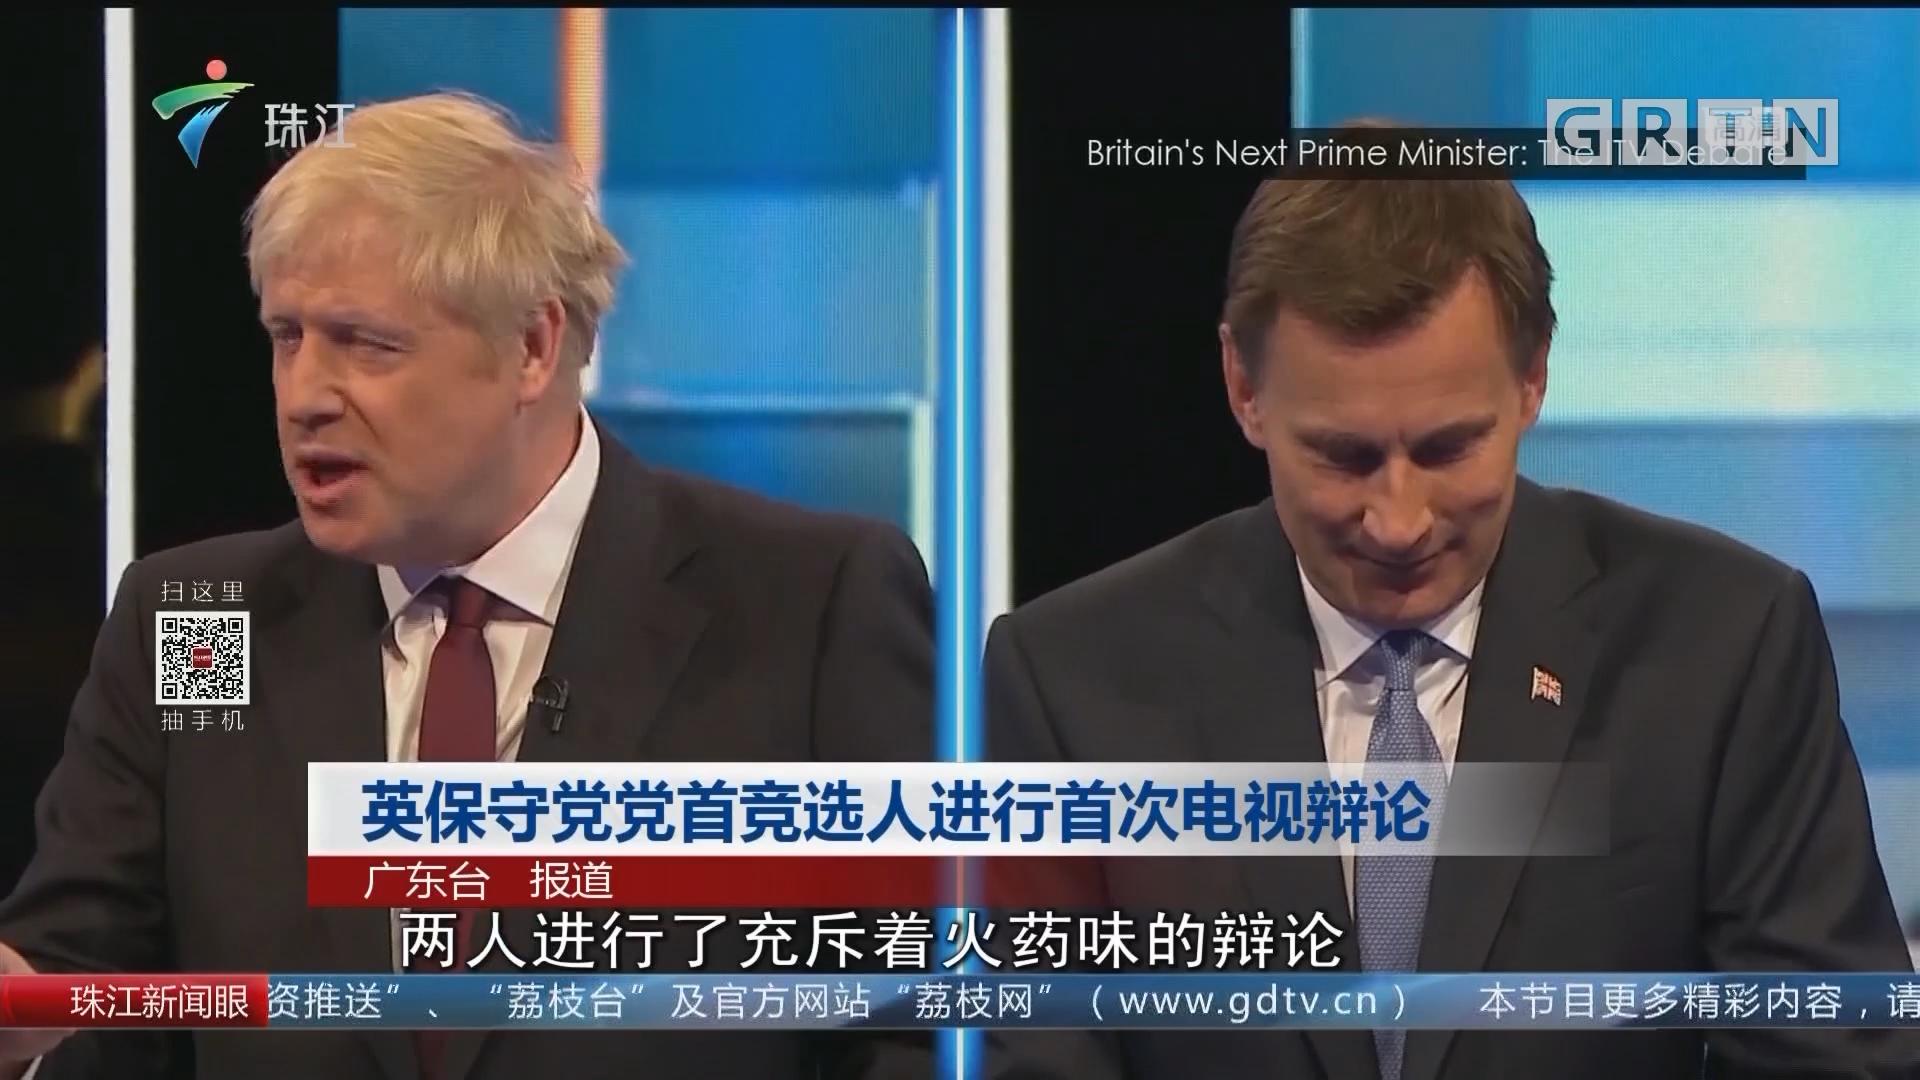 英保守党党首竞选人进行首次电视辩论